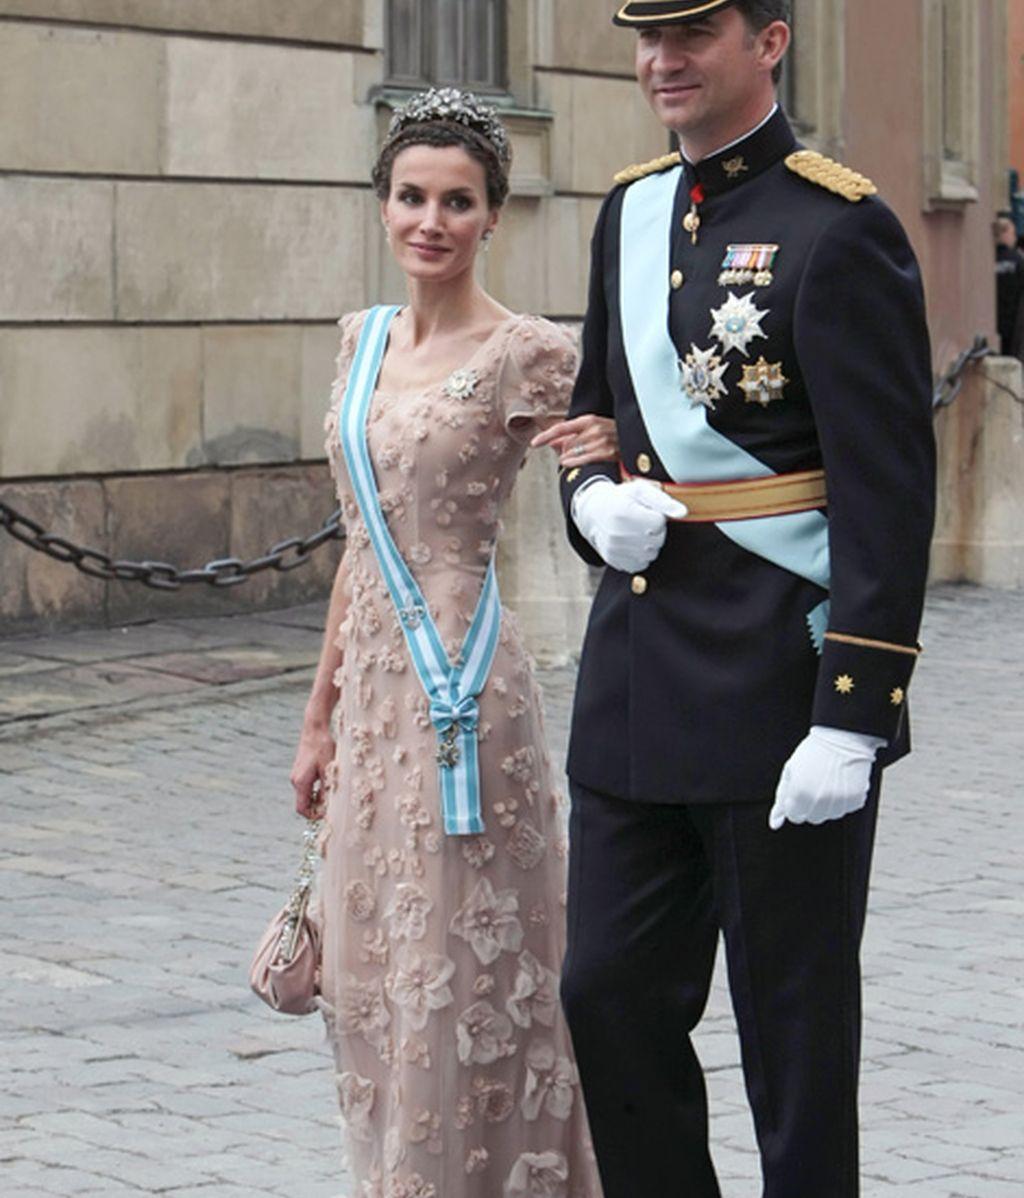 Boda de Victoria de Suecia y Daniel Westling (junio de 2010)